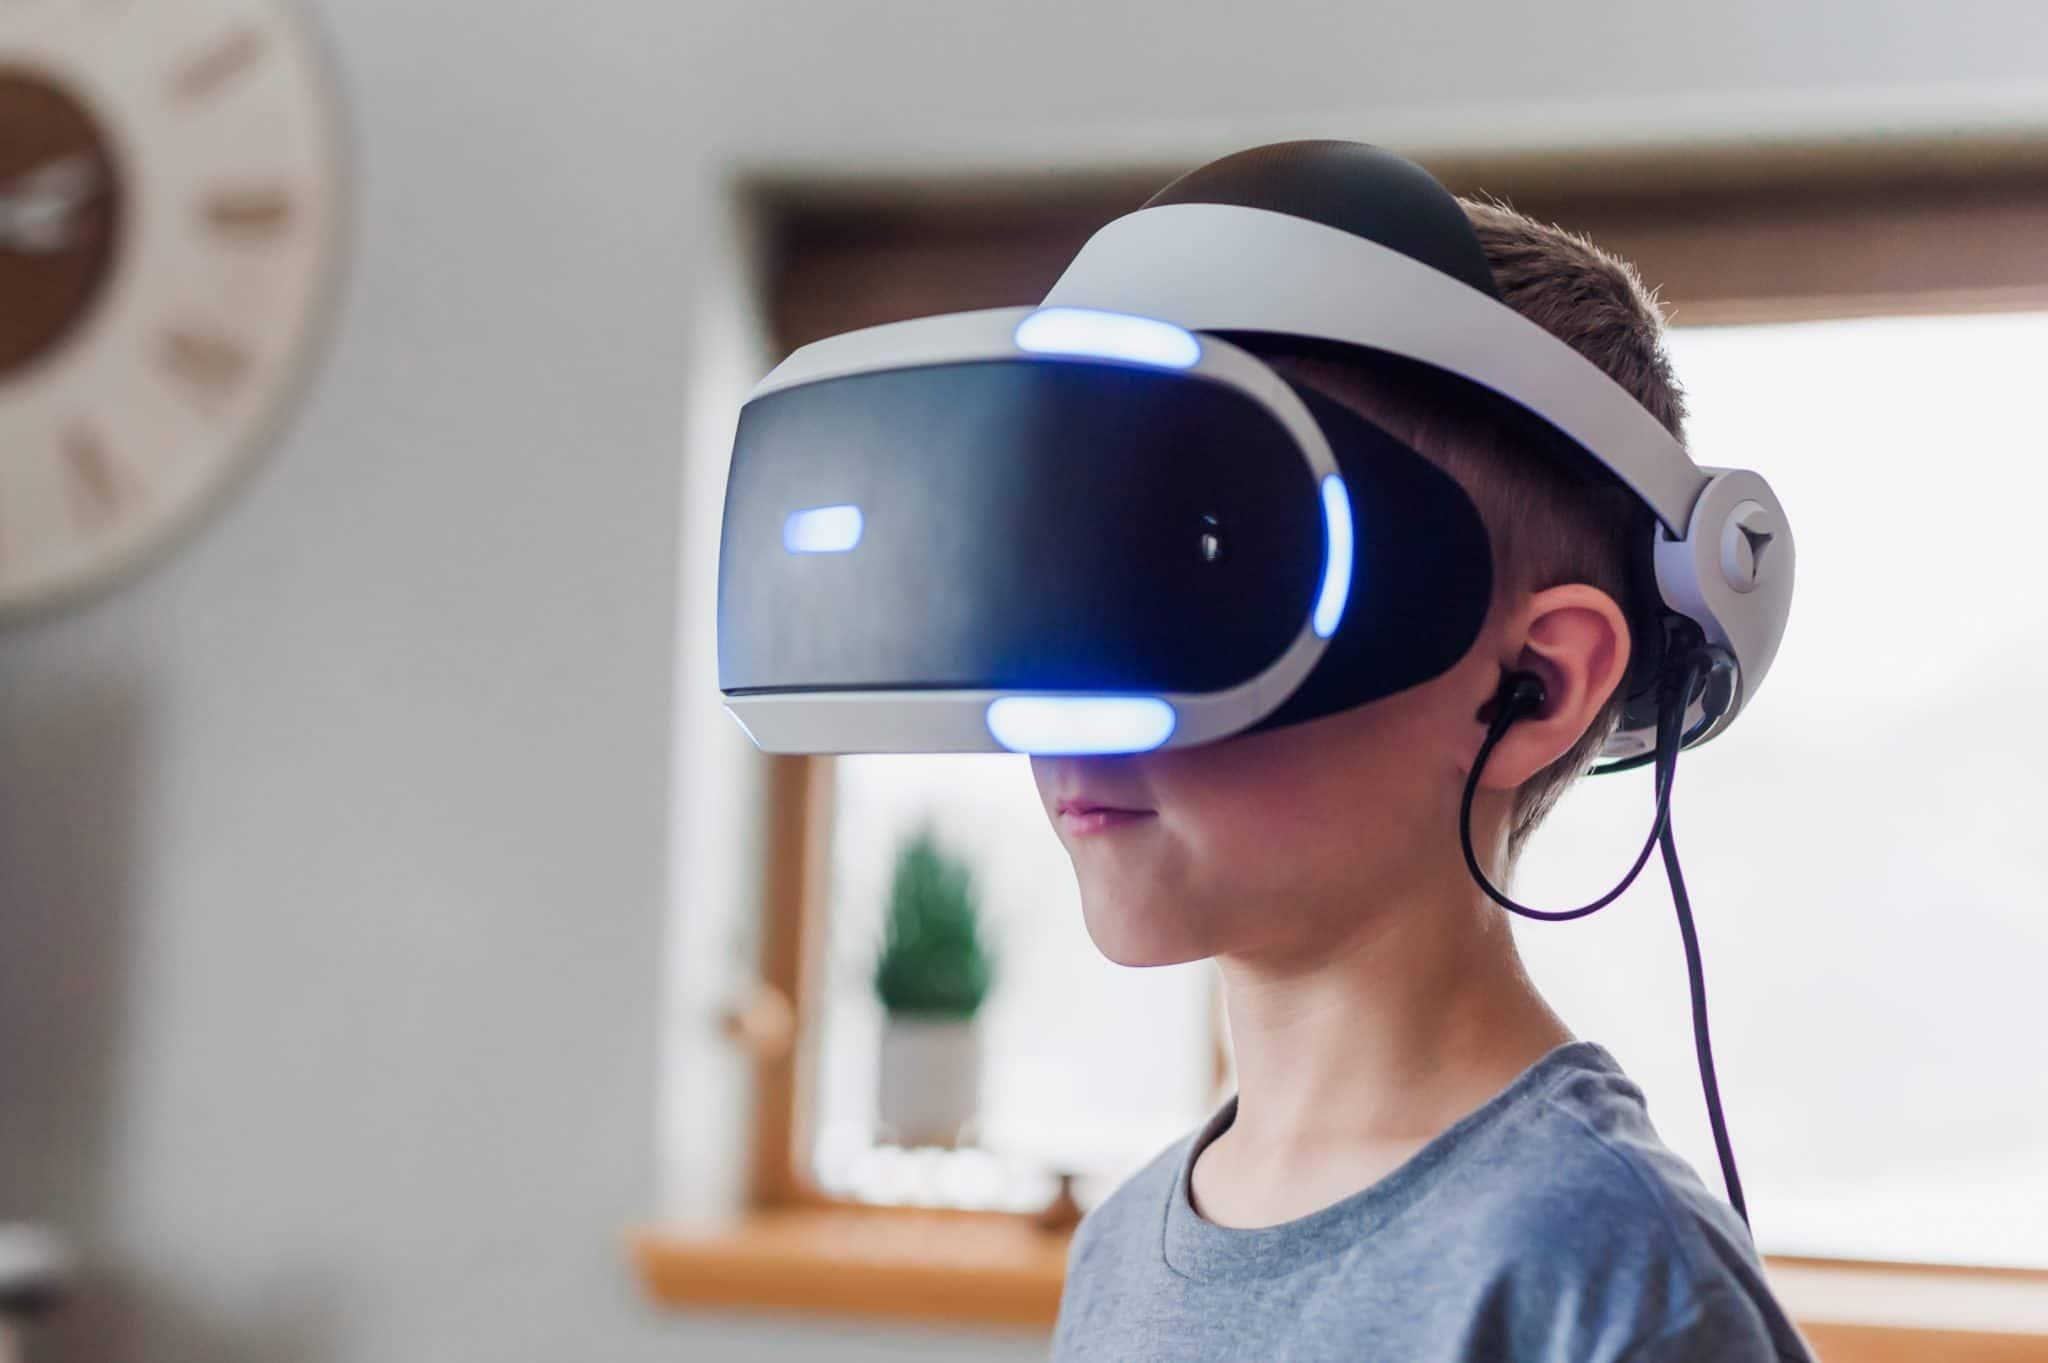 réalité virtuelle débutant